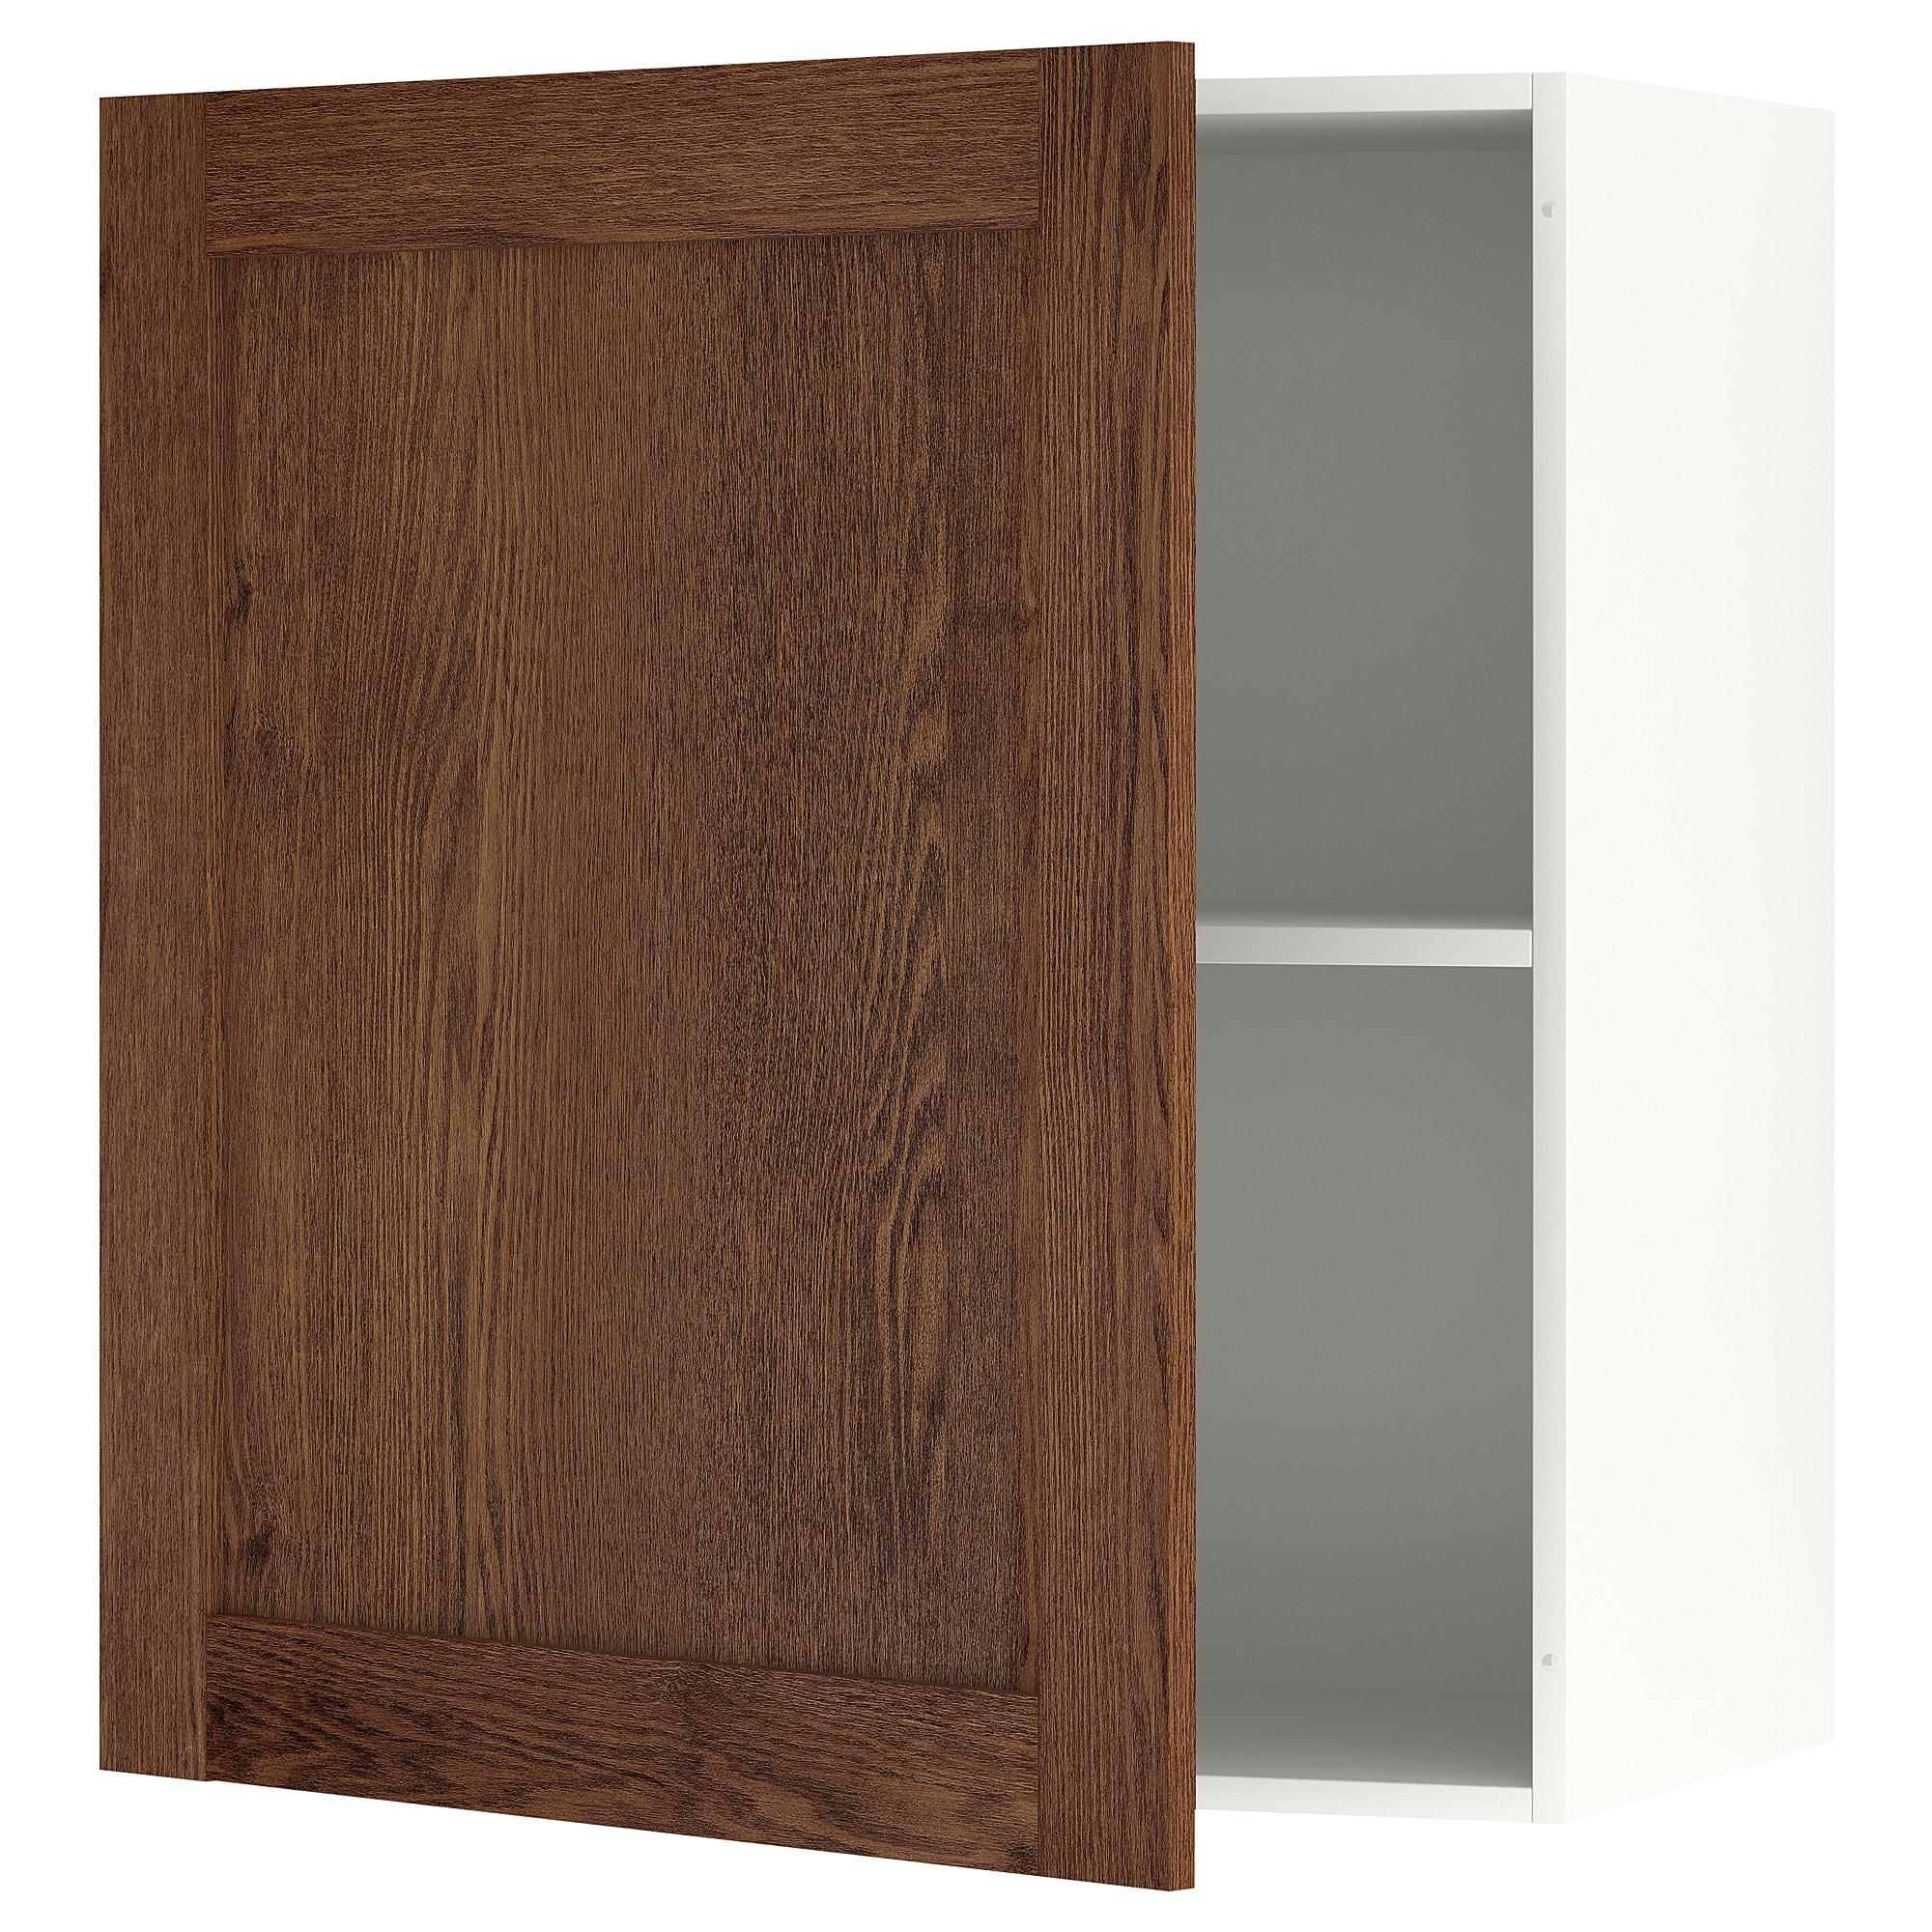 IKEA - KNOXHULT КНОКСХУЛЬТ Навесной шкаф с дверцей шкафы навесные белые